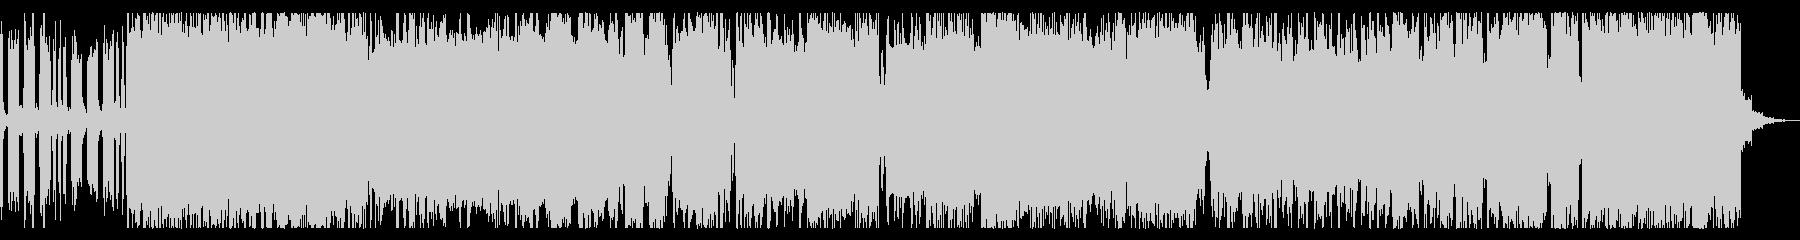 コミカル&ヘビーな3連系のチップチューンの未再生の波形